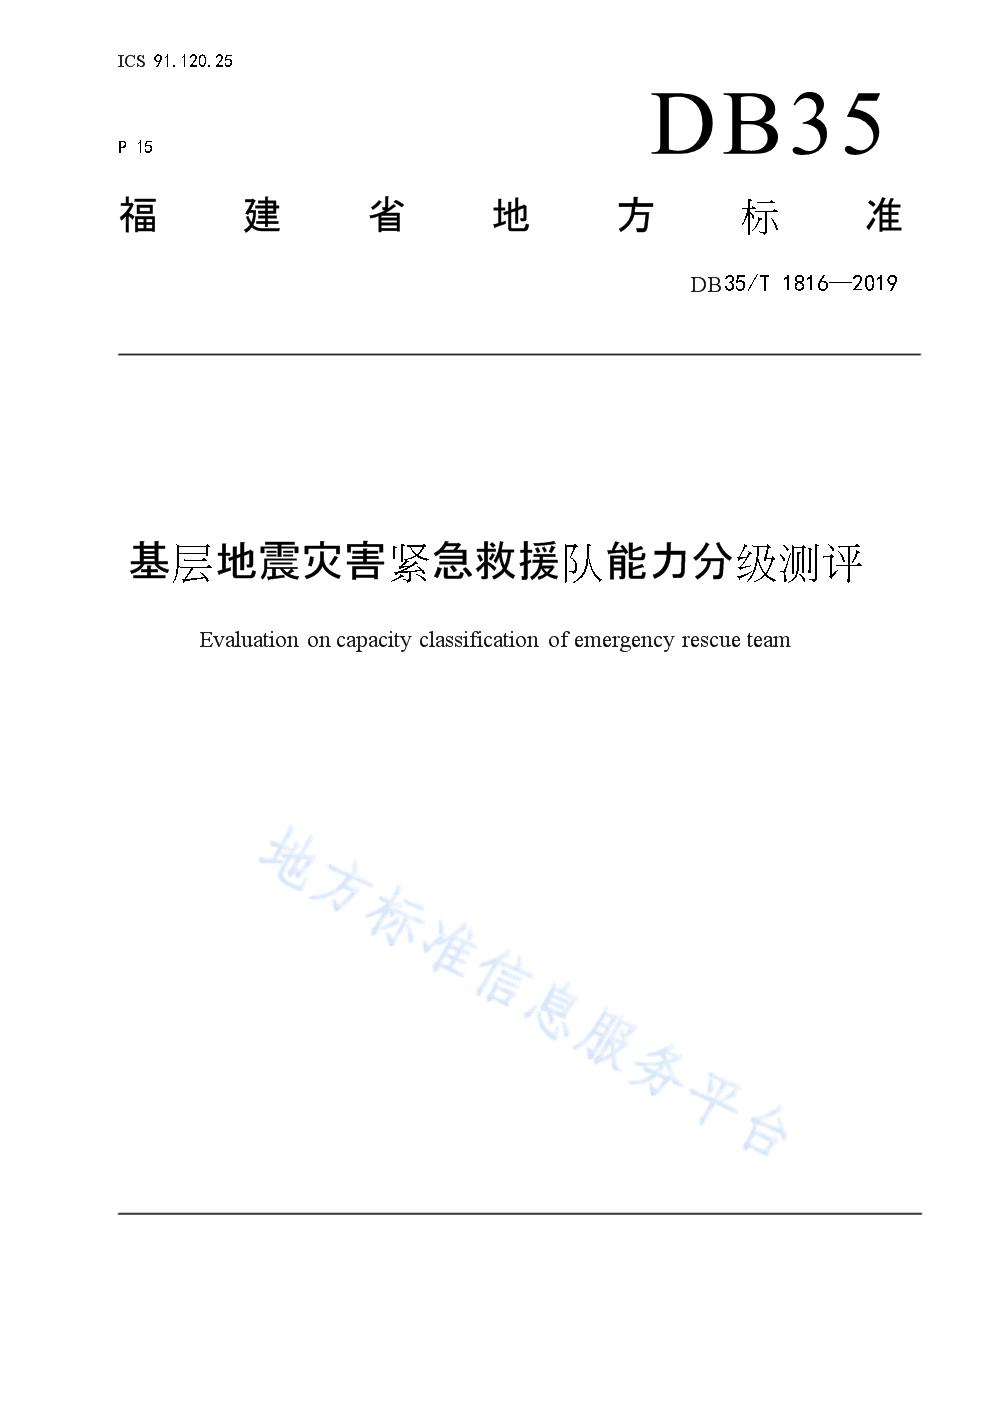 DB35_T 1816-2019 基层地震灾害紧急救援队能力分级测评.docx